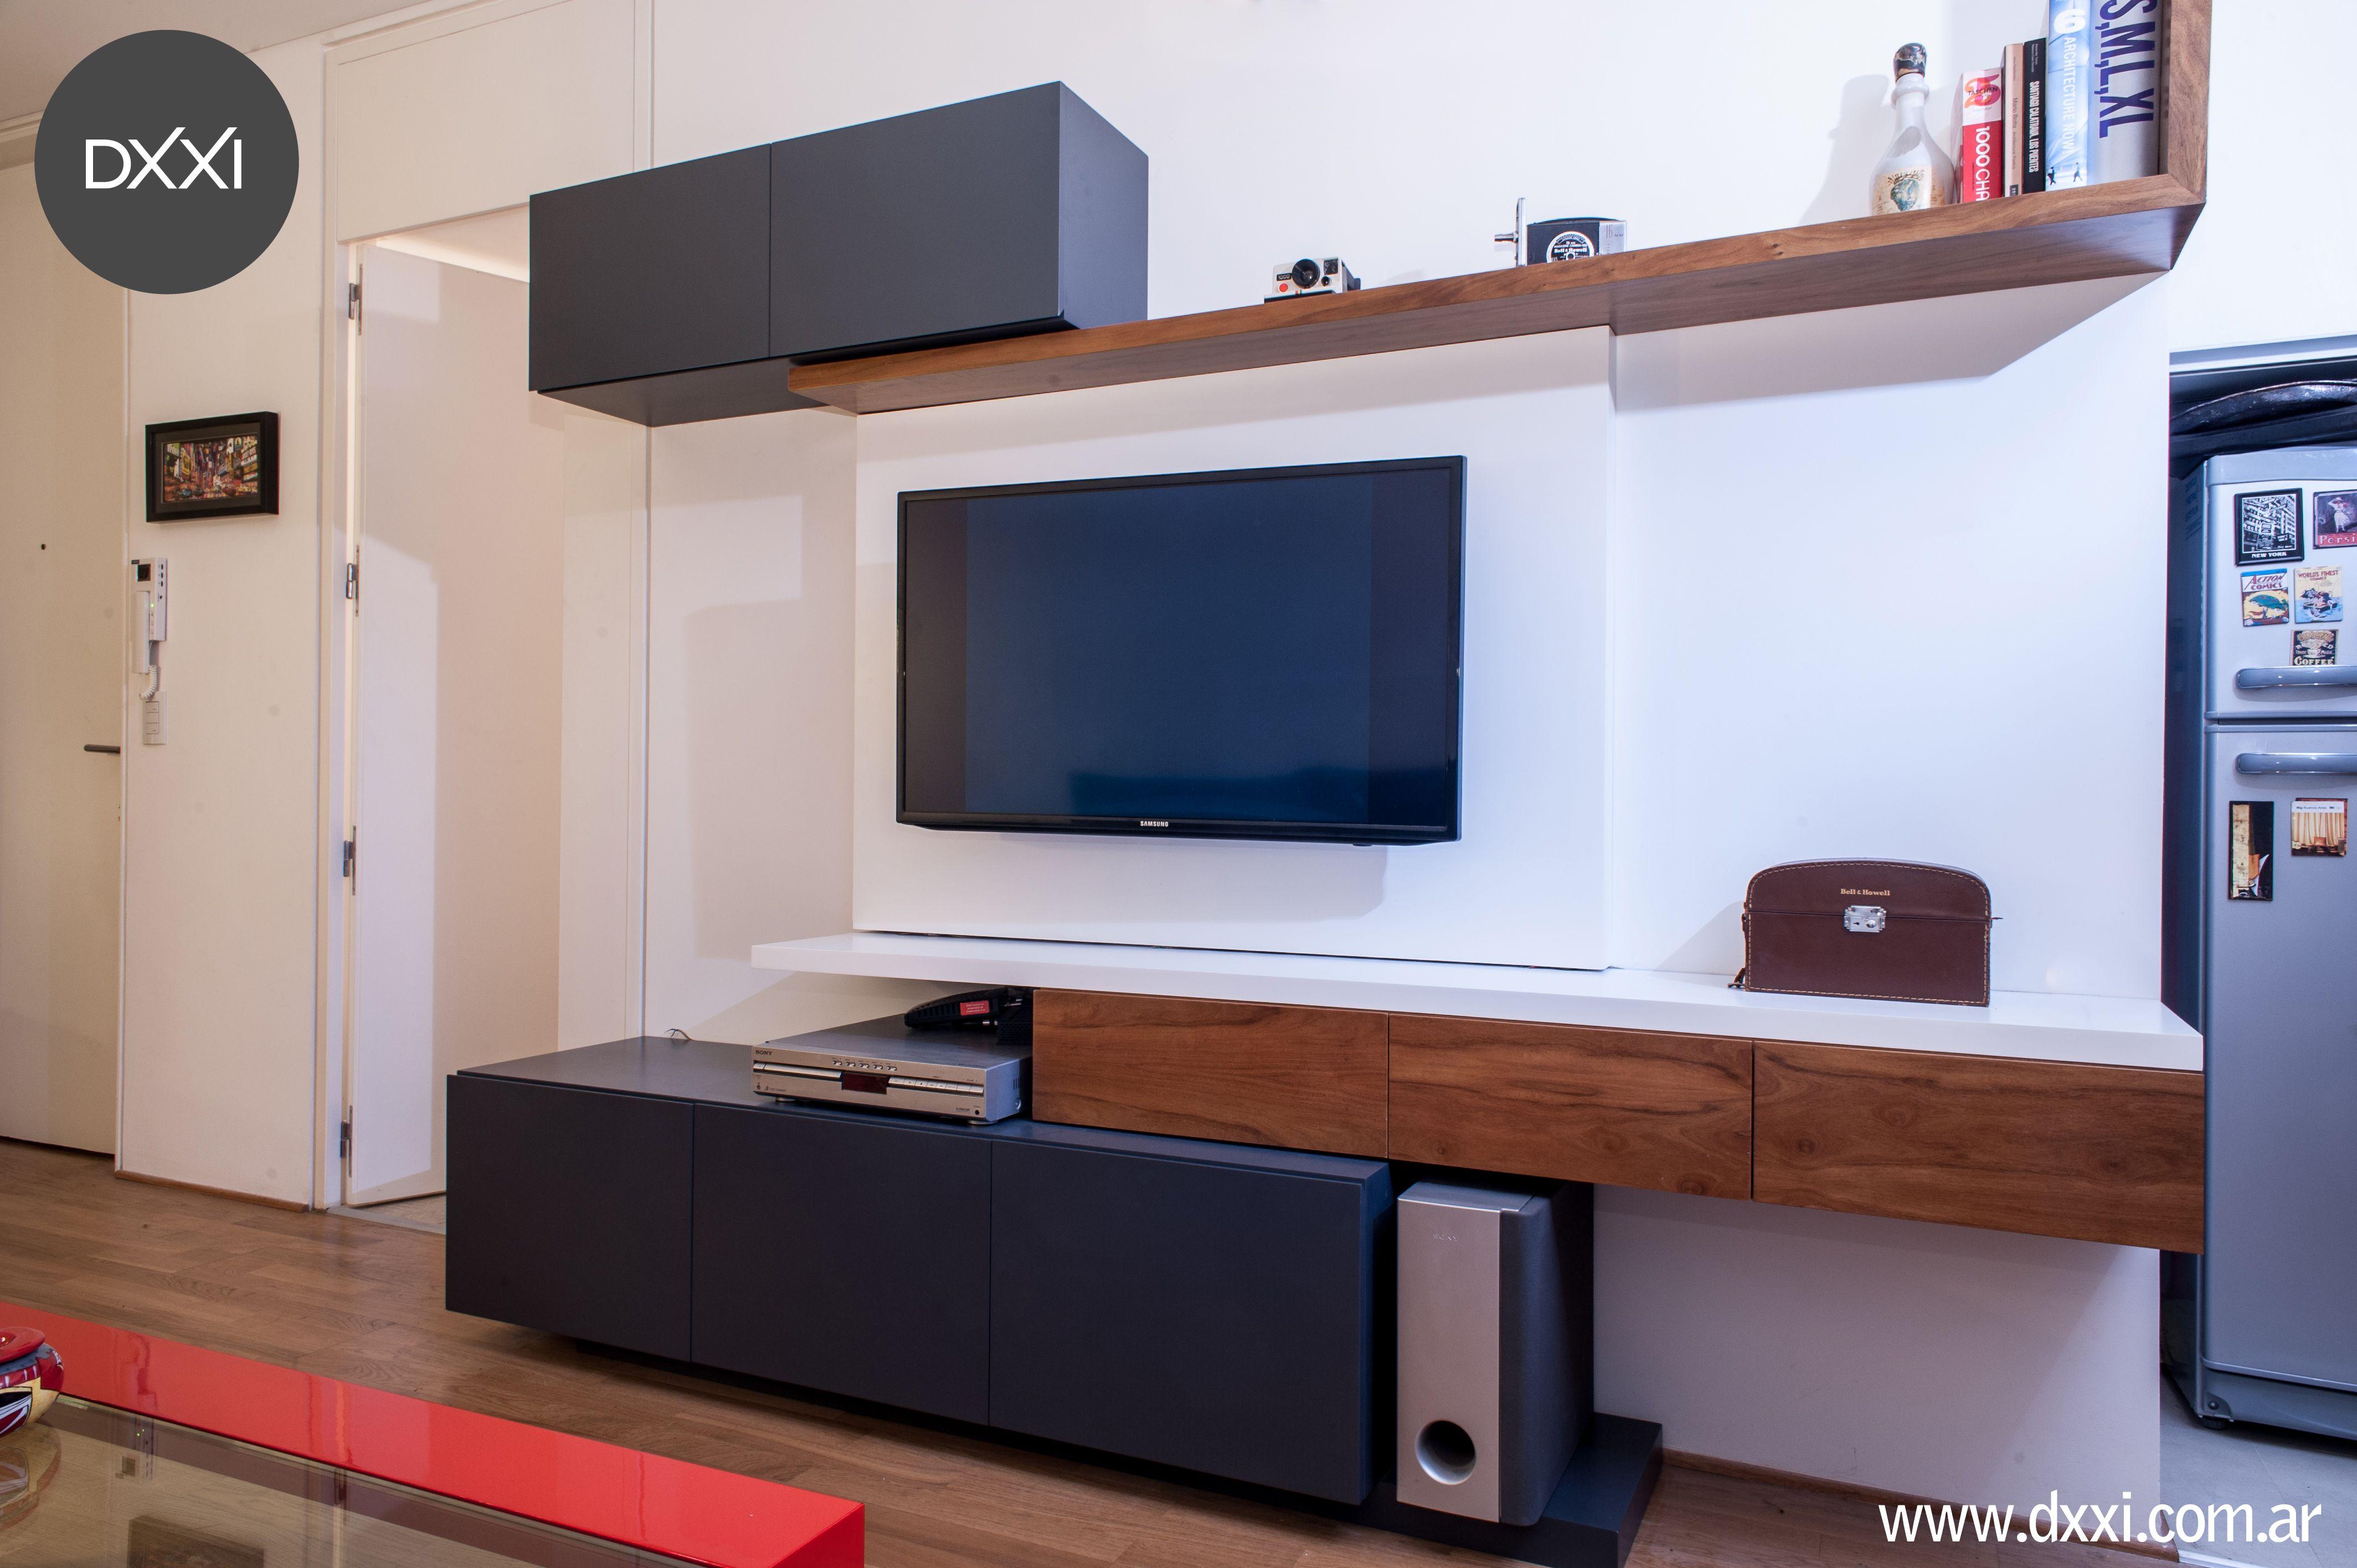 mueble para tv modelo zigzag mdf laqueado blanco y gris On mueble tv gris